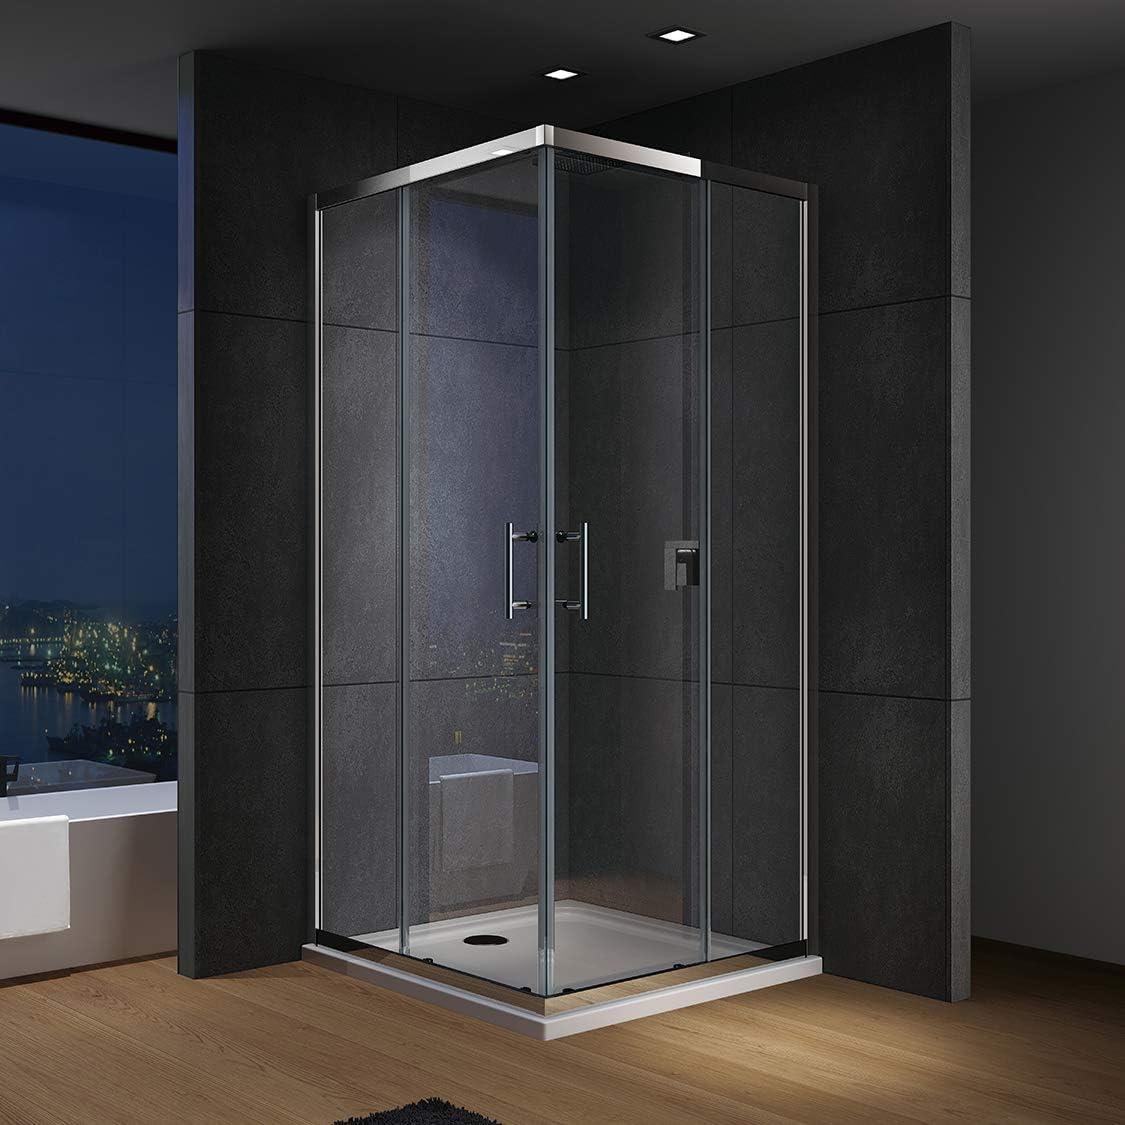 IMPTS - Cabina de ducha, puerta corredera, ducha de esquina, mampara de ducha, puerta de ducha, vidrio templado de 6 mm con nanorevestimiento, Plateado: Amazon.es: Bricolaje y herramientas